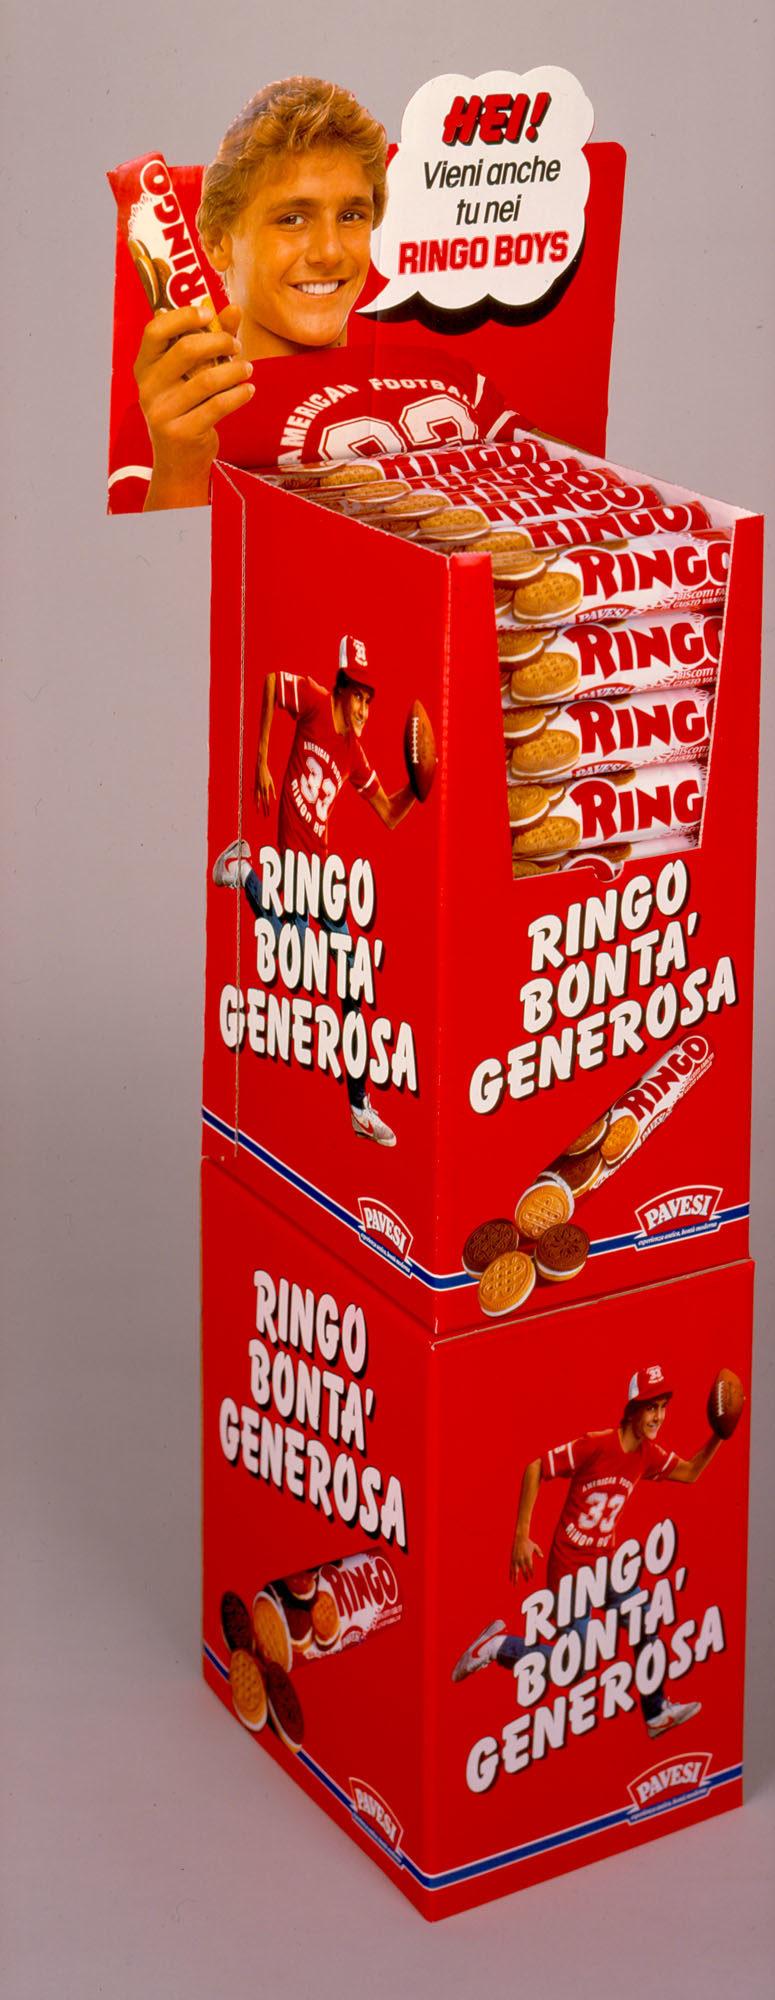 Espositore Ringo, 1990